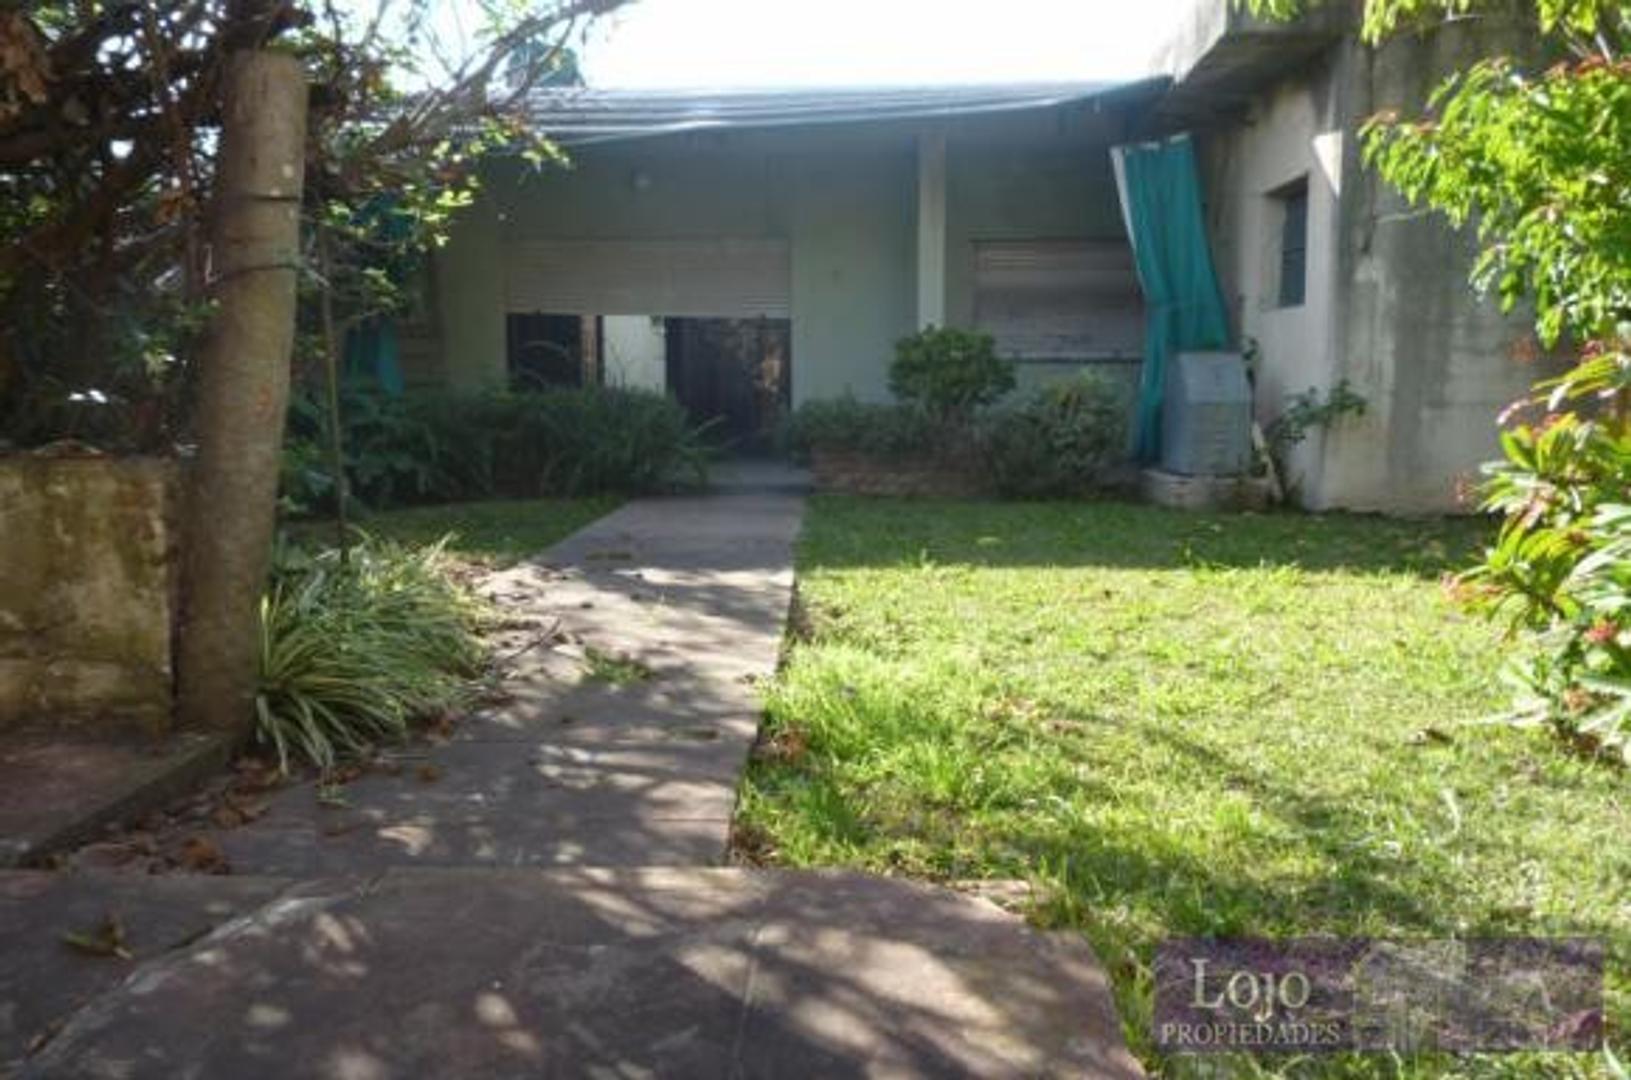 Casa en Ituzaingo con 2 habitaciones